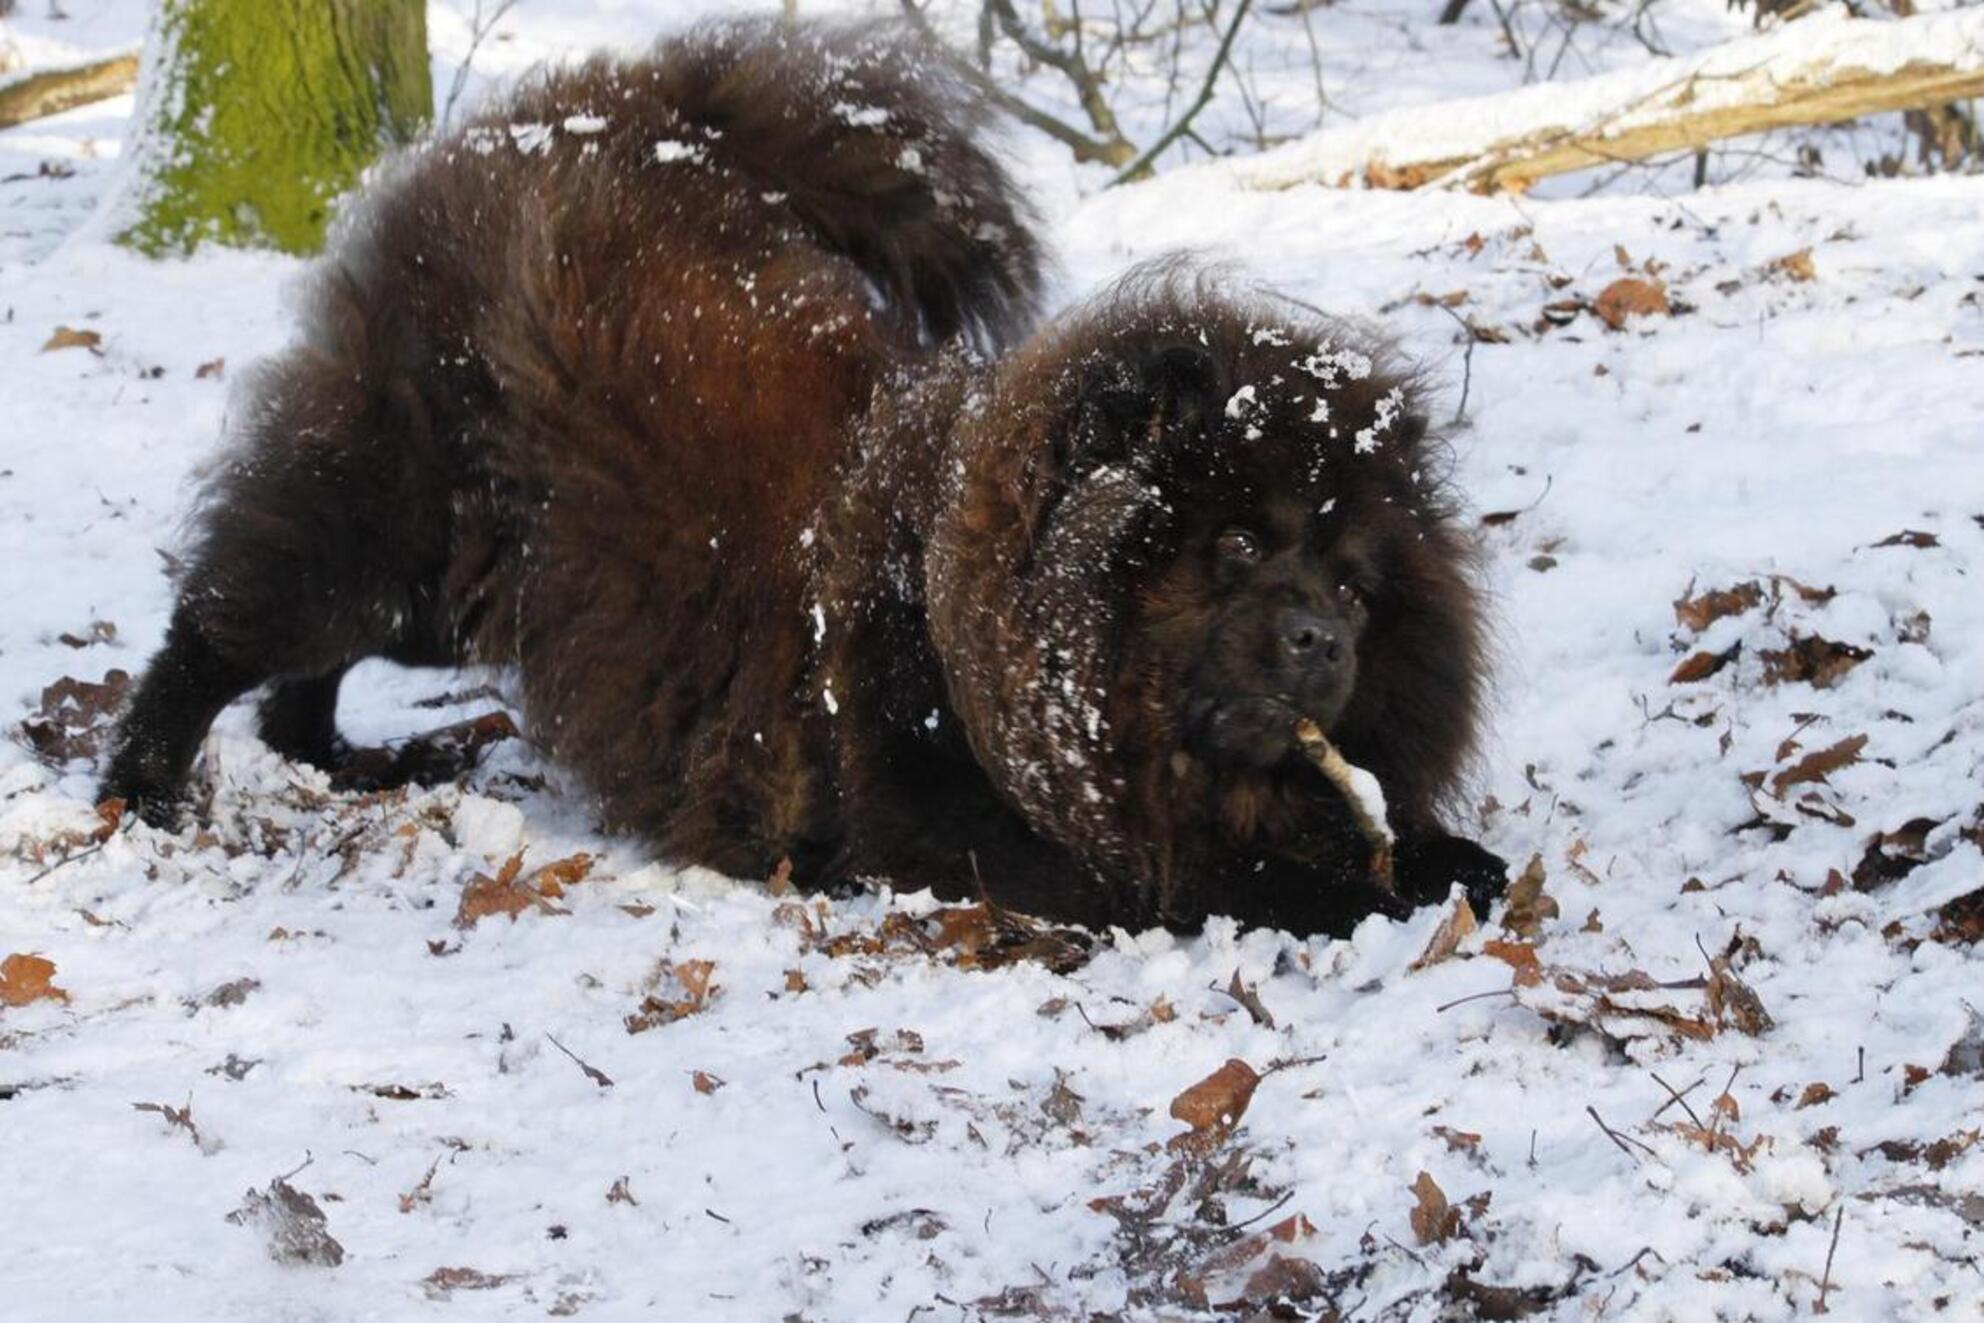 Mijn hondje in de sneeuw - Dankzij de sneeuw is ze zoo blij dat ze zelfs met stokjes wil spelen. - foto door annapictures op 10-01-2011 - deze foto bevat: sneeuw, hond - Deze foto mag gebruikt worden in een Zoom.nl publicatie